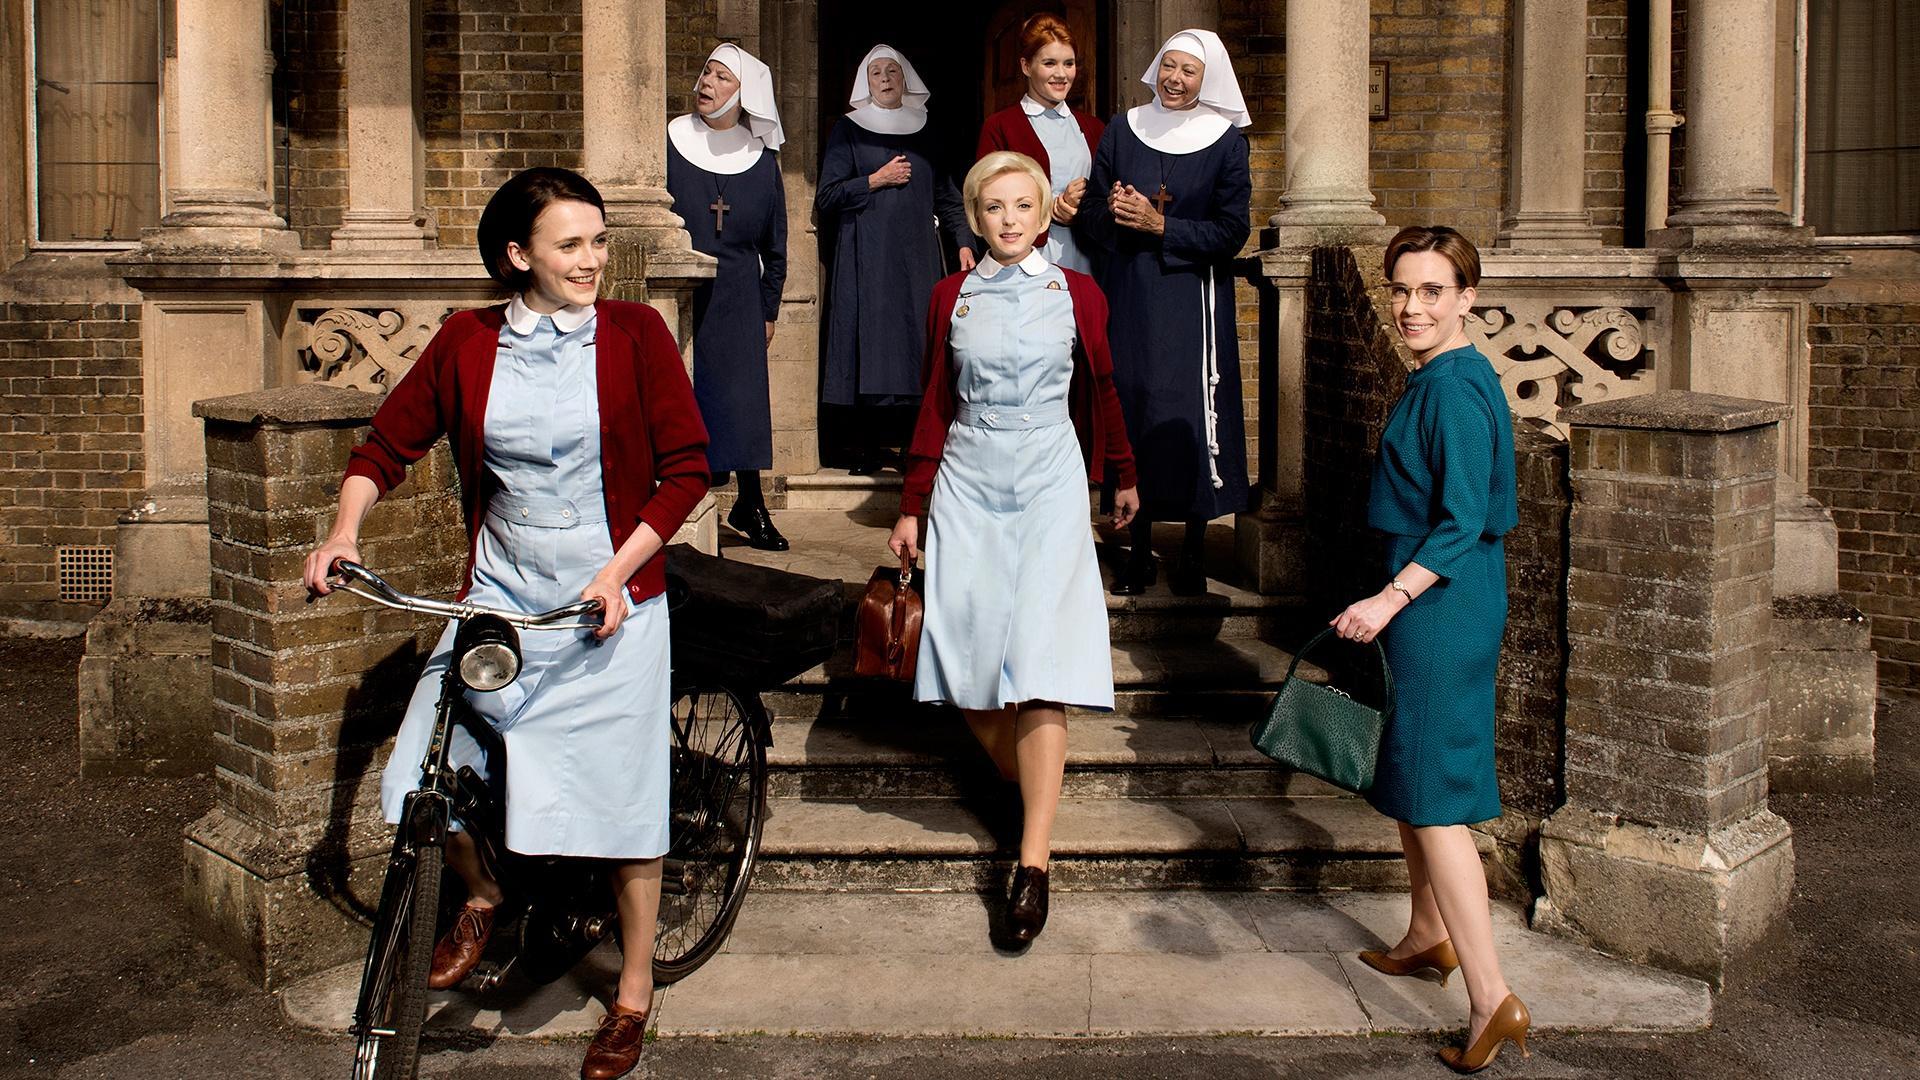 Call the Midwife Season 4 Premiere - Sun., Mar. 29 at 7 p.m.